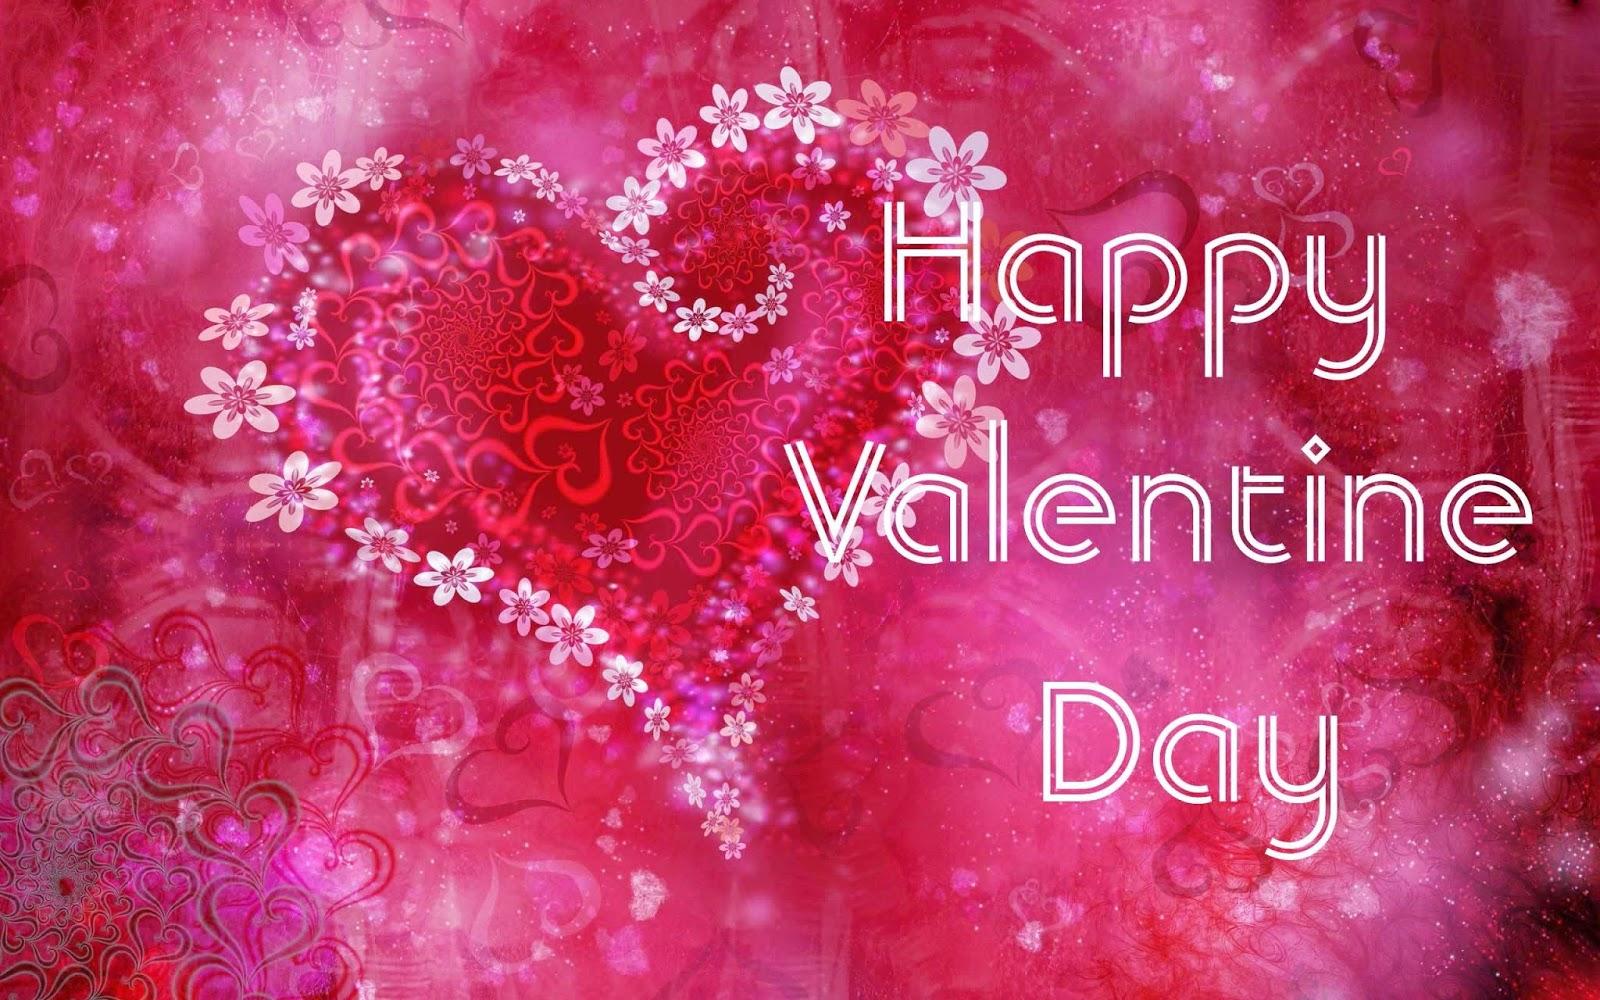 happy valentines day wallpaper 2018 – valentine's day info